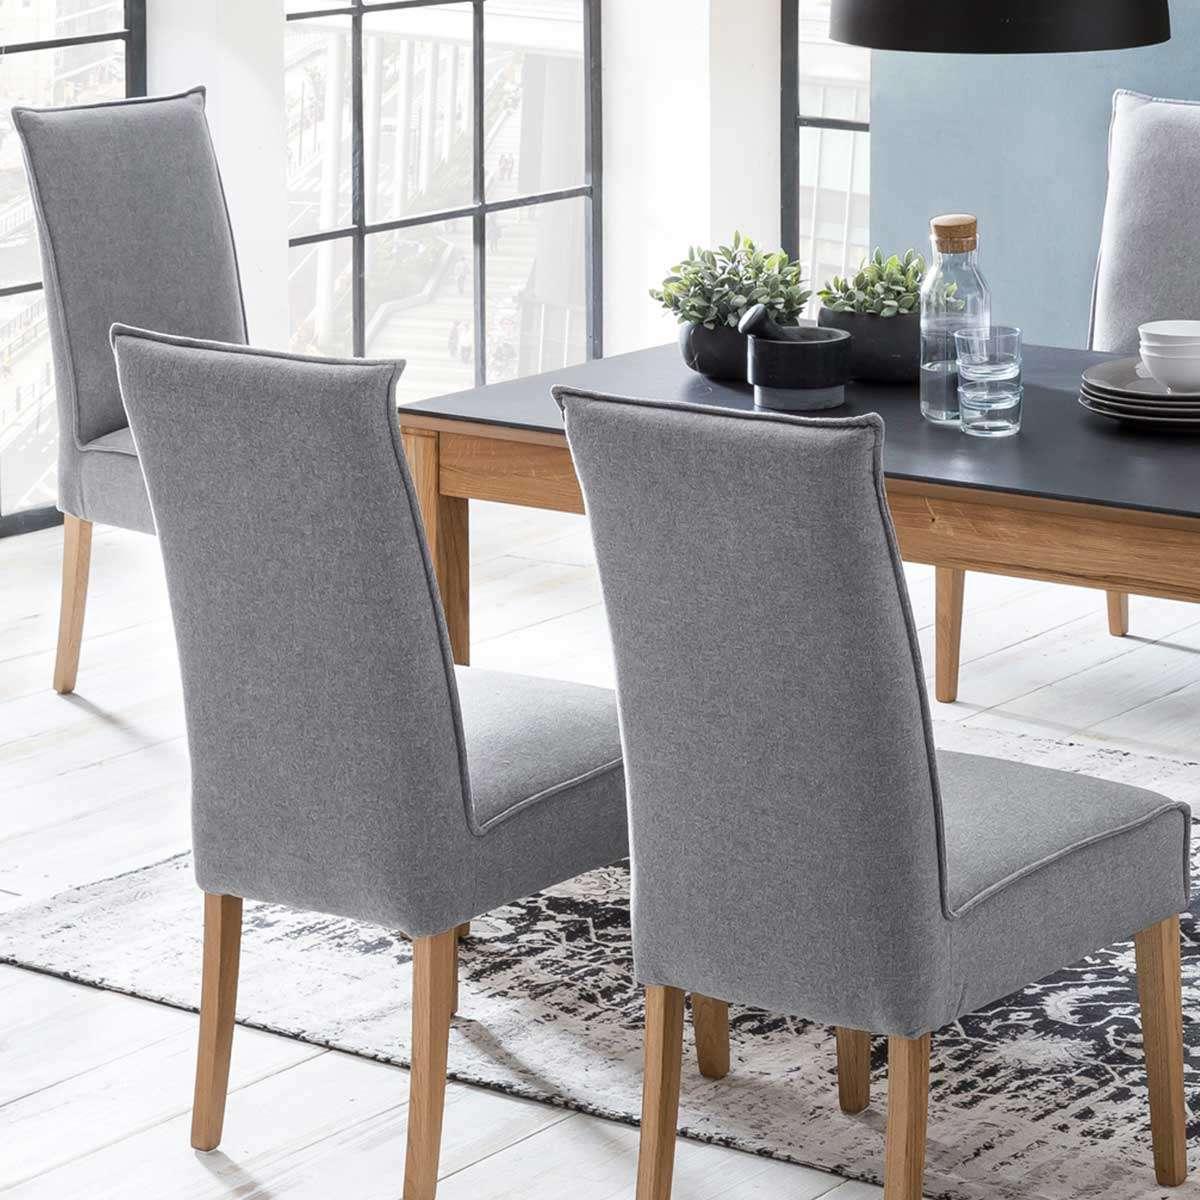 Stuhl Esstisch Grau